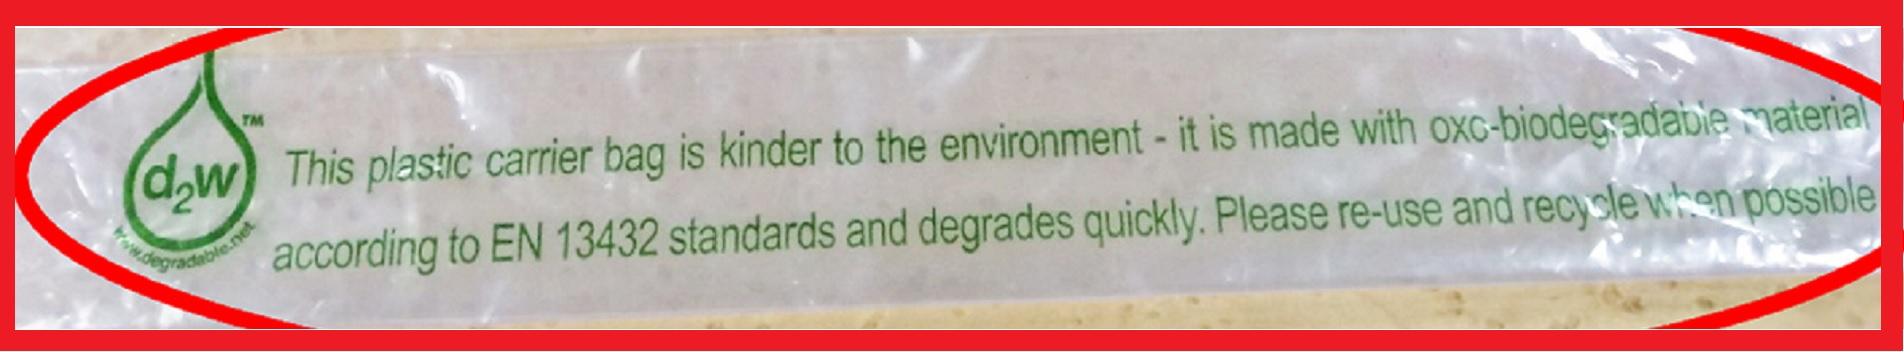 Mal uso de la norma europea de compostabilidad EN 13432